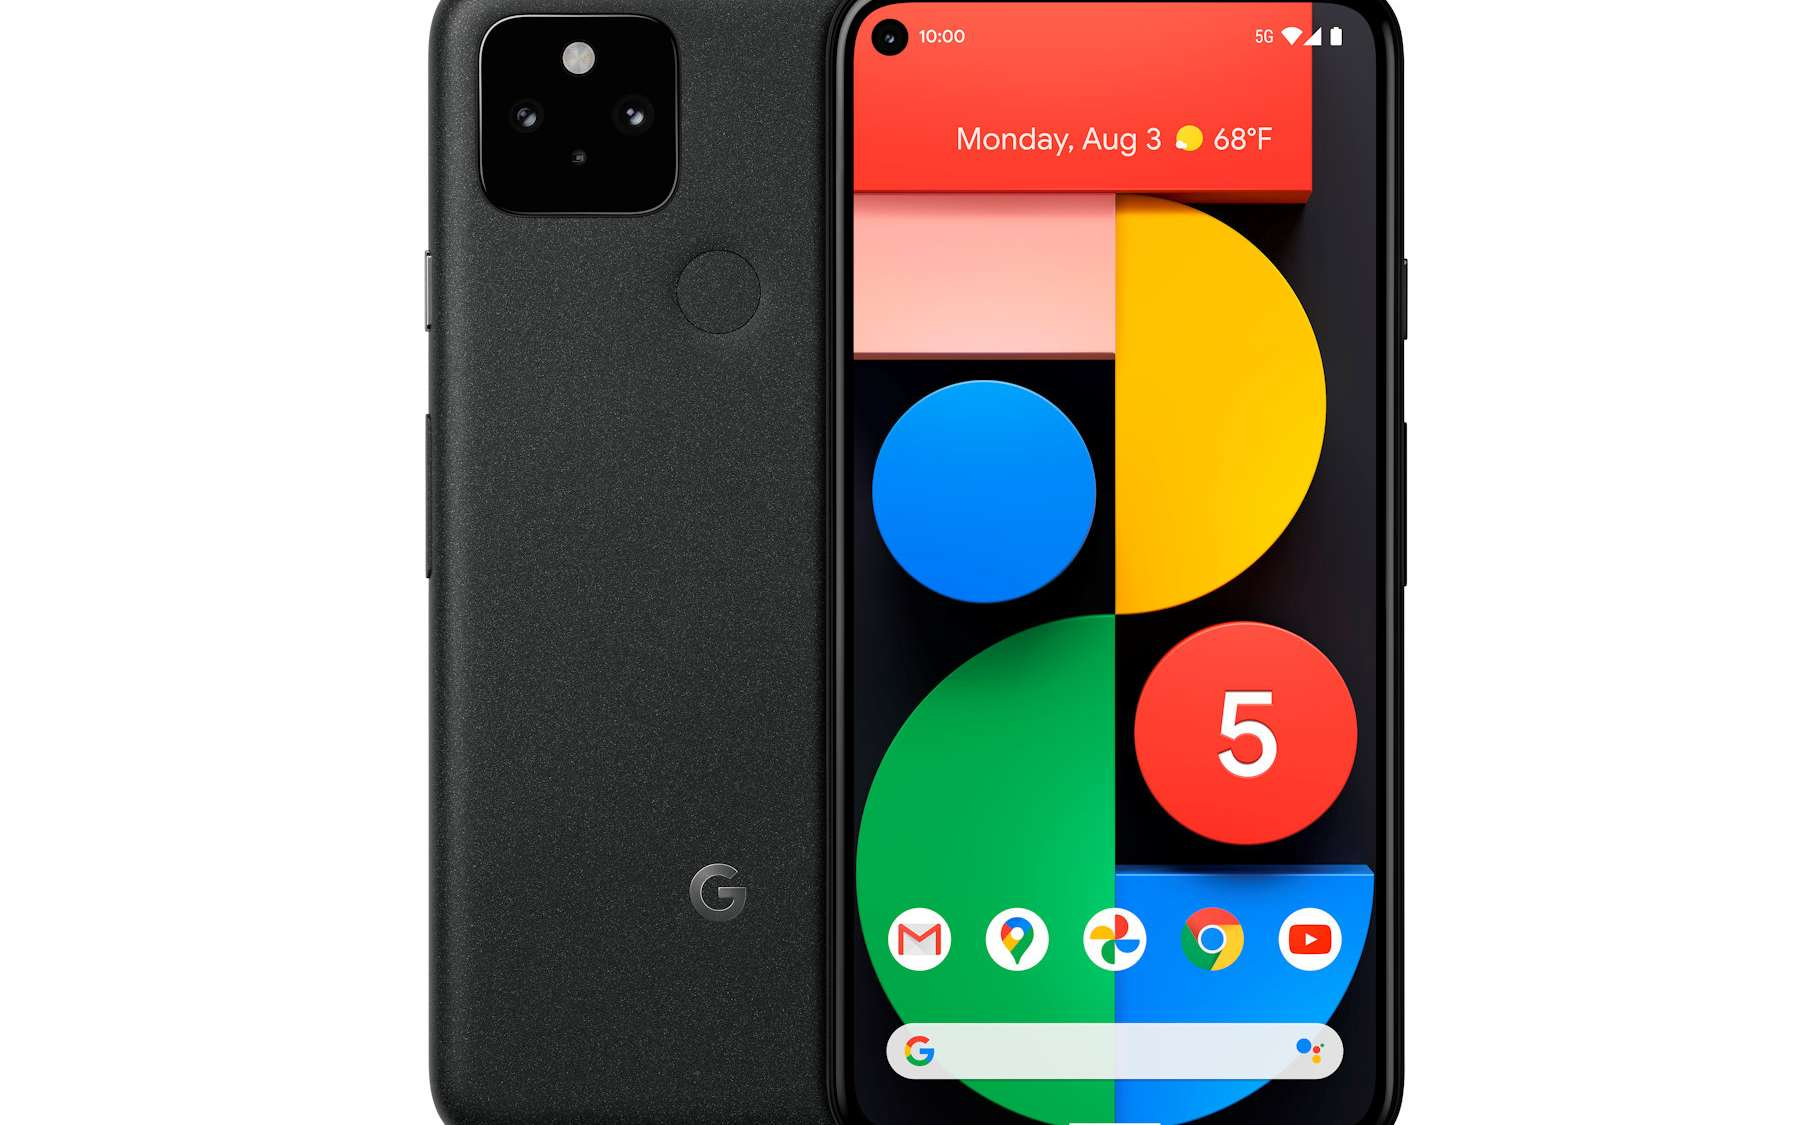 Le Pixel 5 possède un écran plus petit que le Pixel 4a. © Google